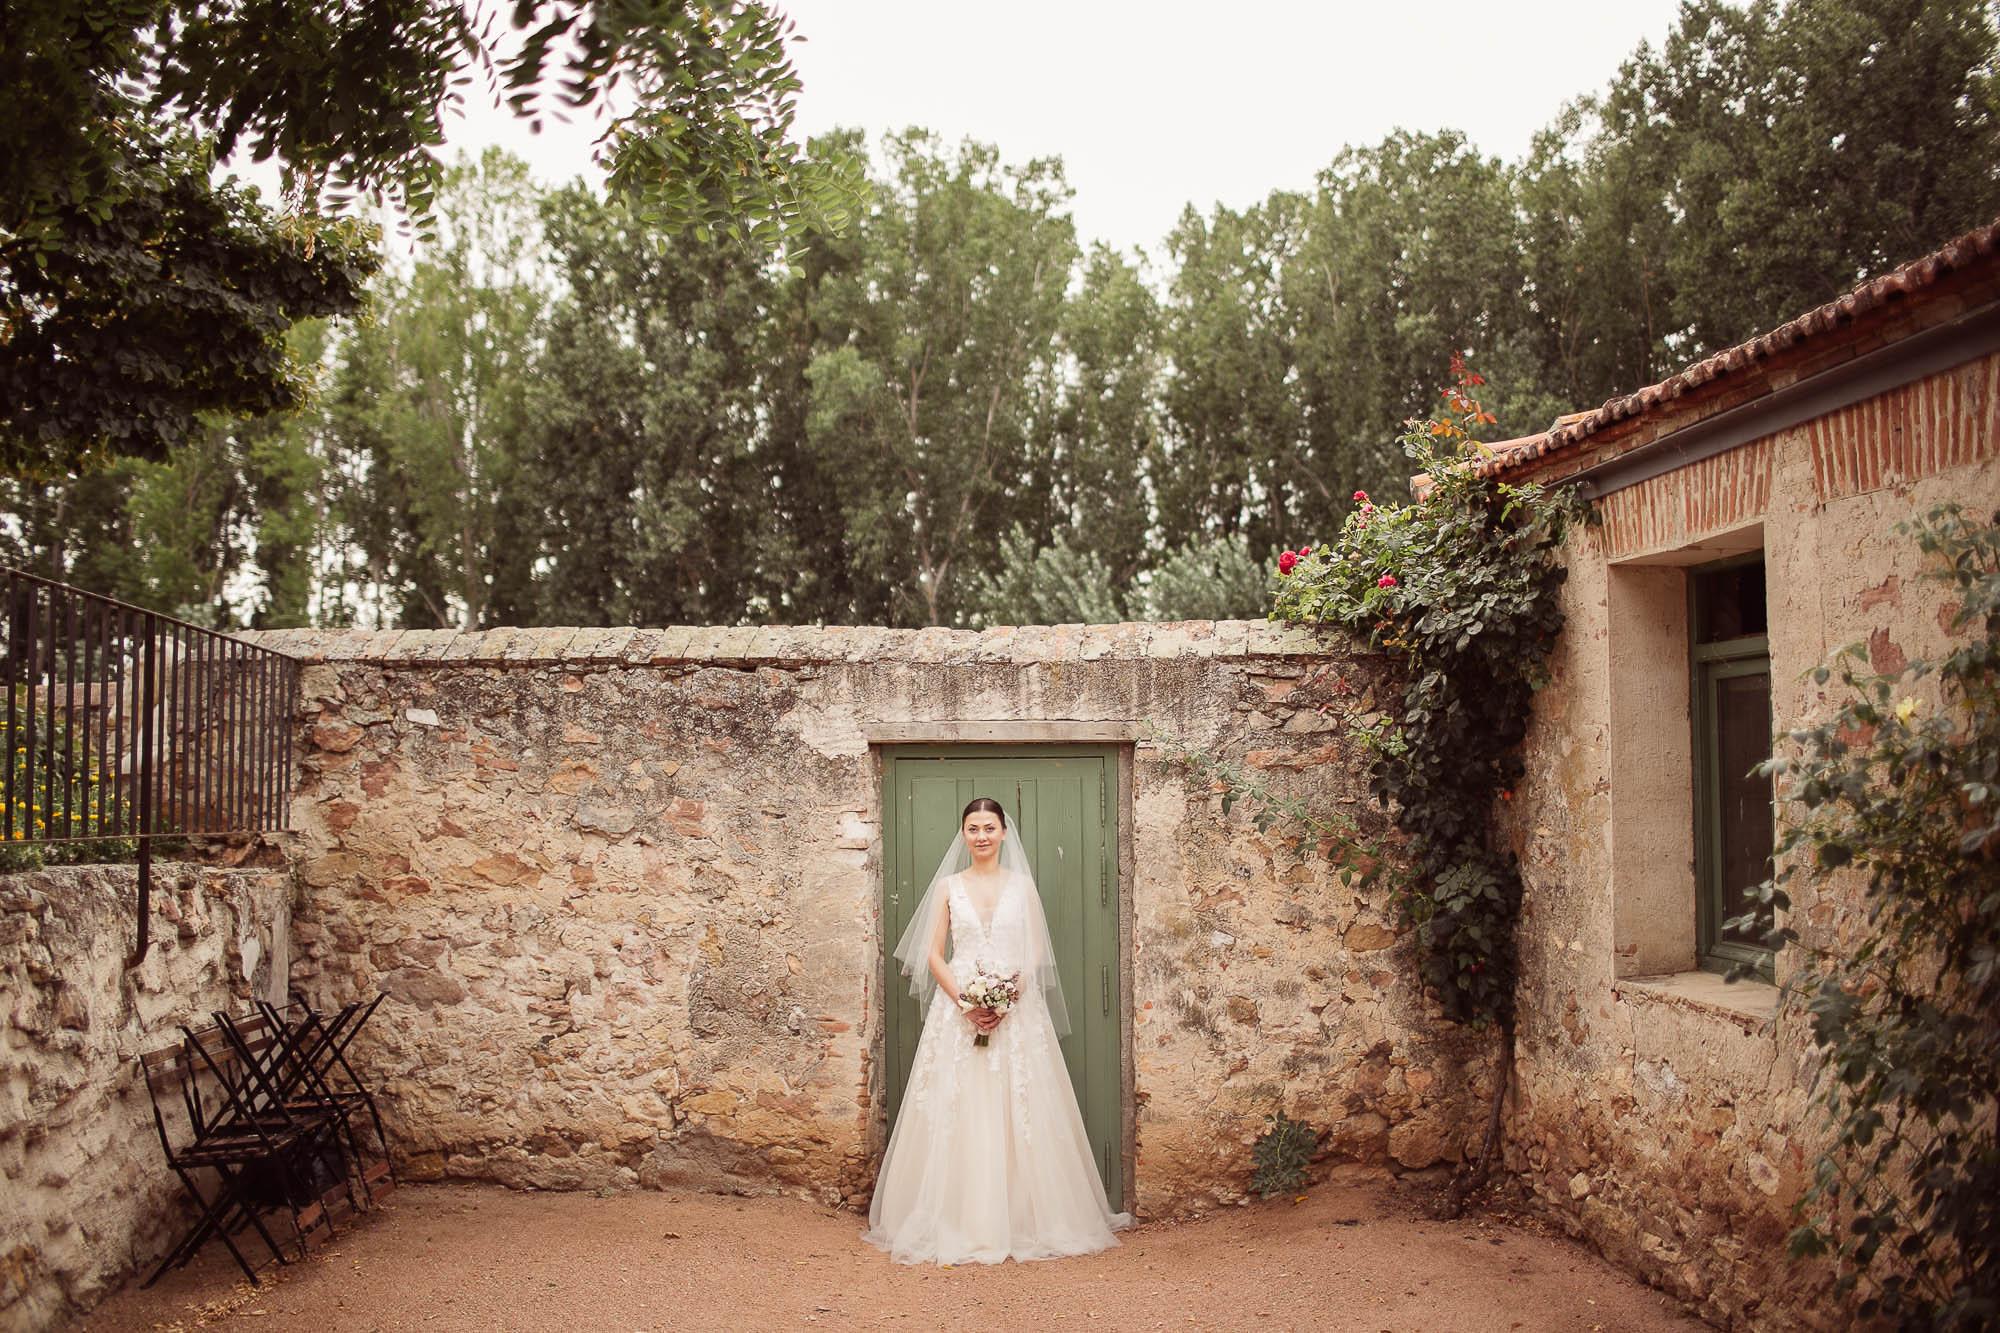 La novia posa en el patio de la casa antigua